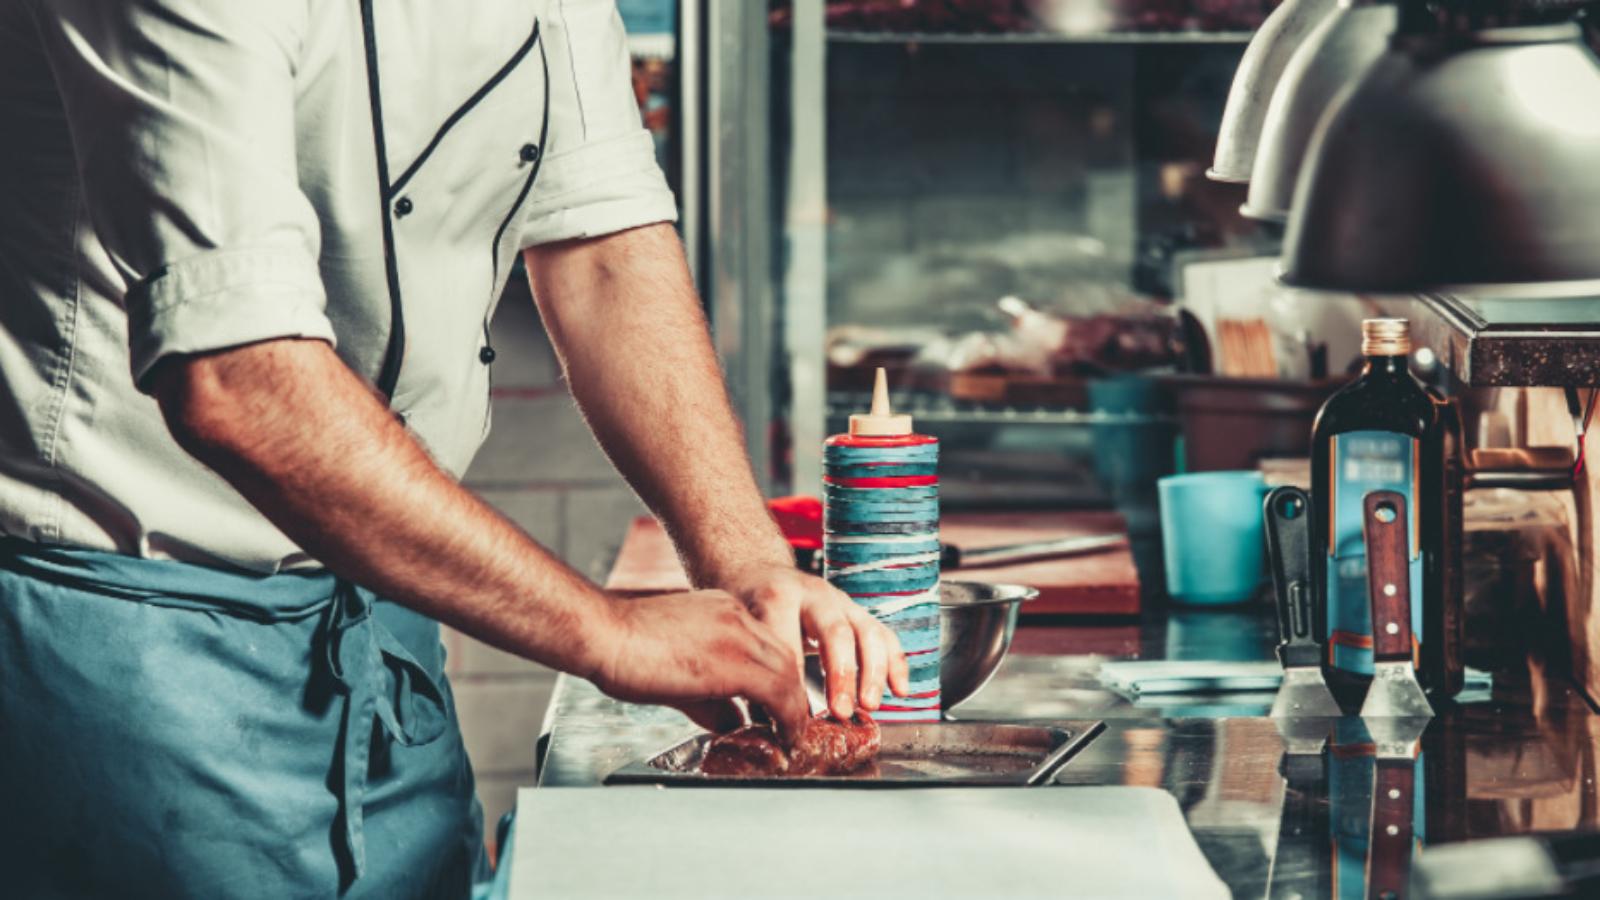 chef cuisine@2x